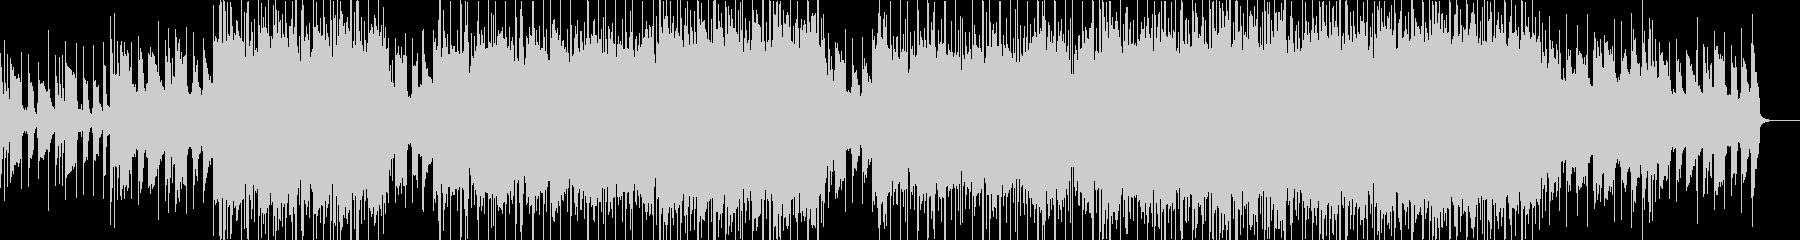 チル系、スムーズR&Bをイメージした曲の未再生の波形